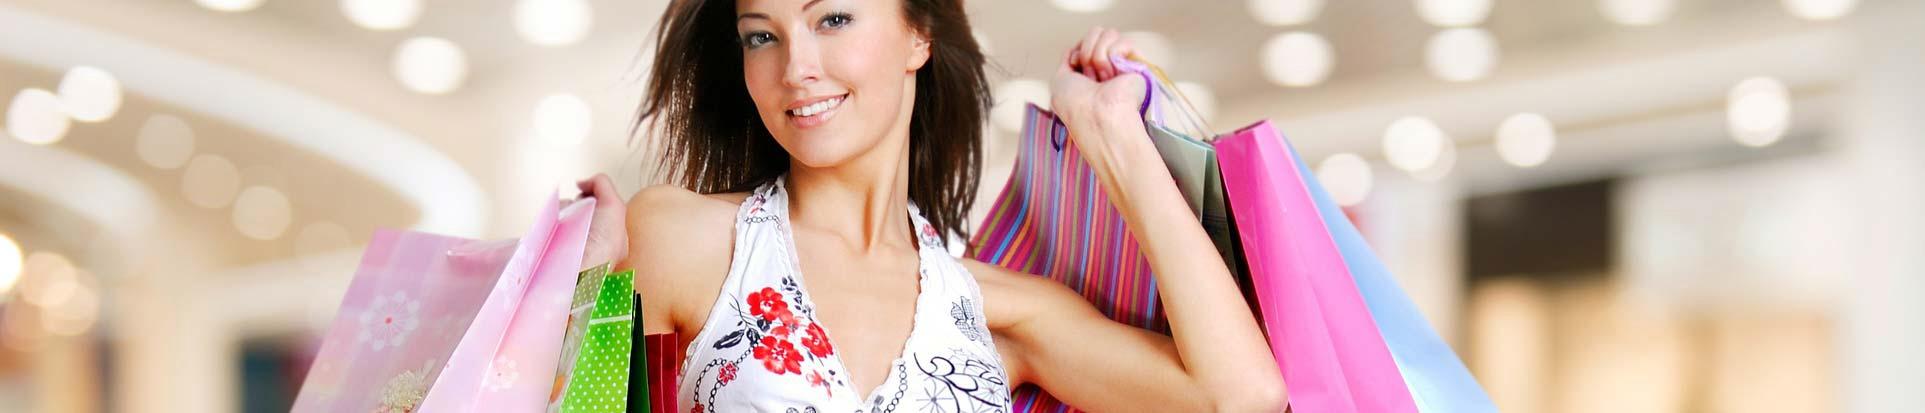 prezracevanje-nakupovalni-center-trgovski-center-klimatizacija